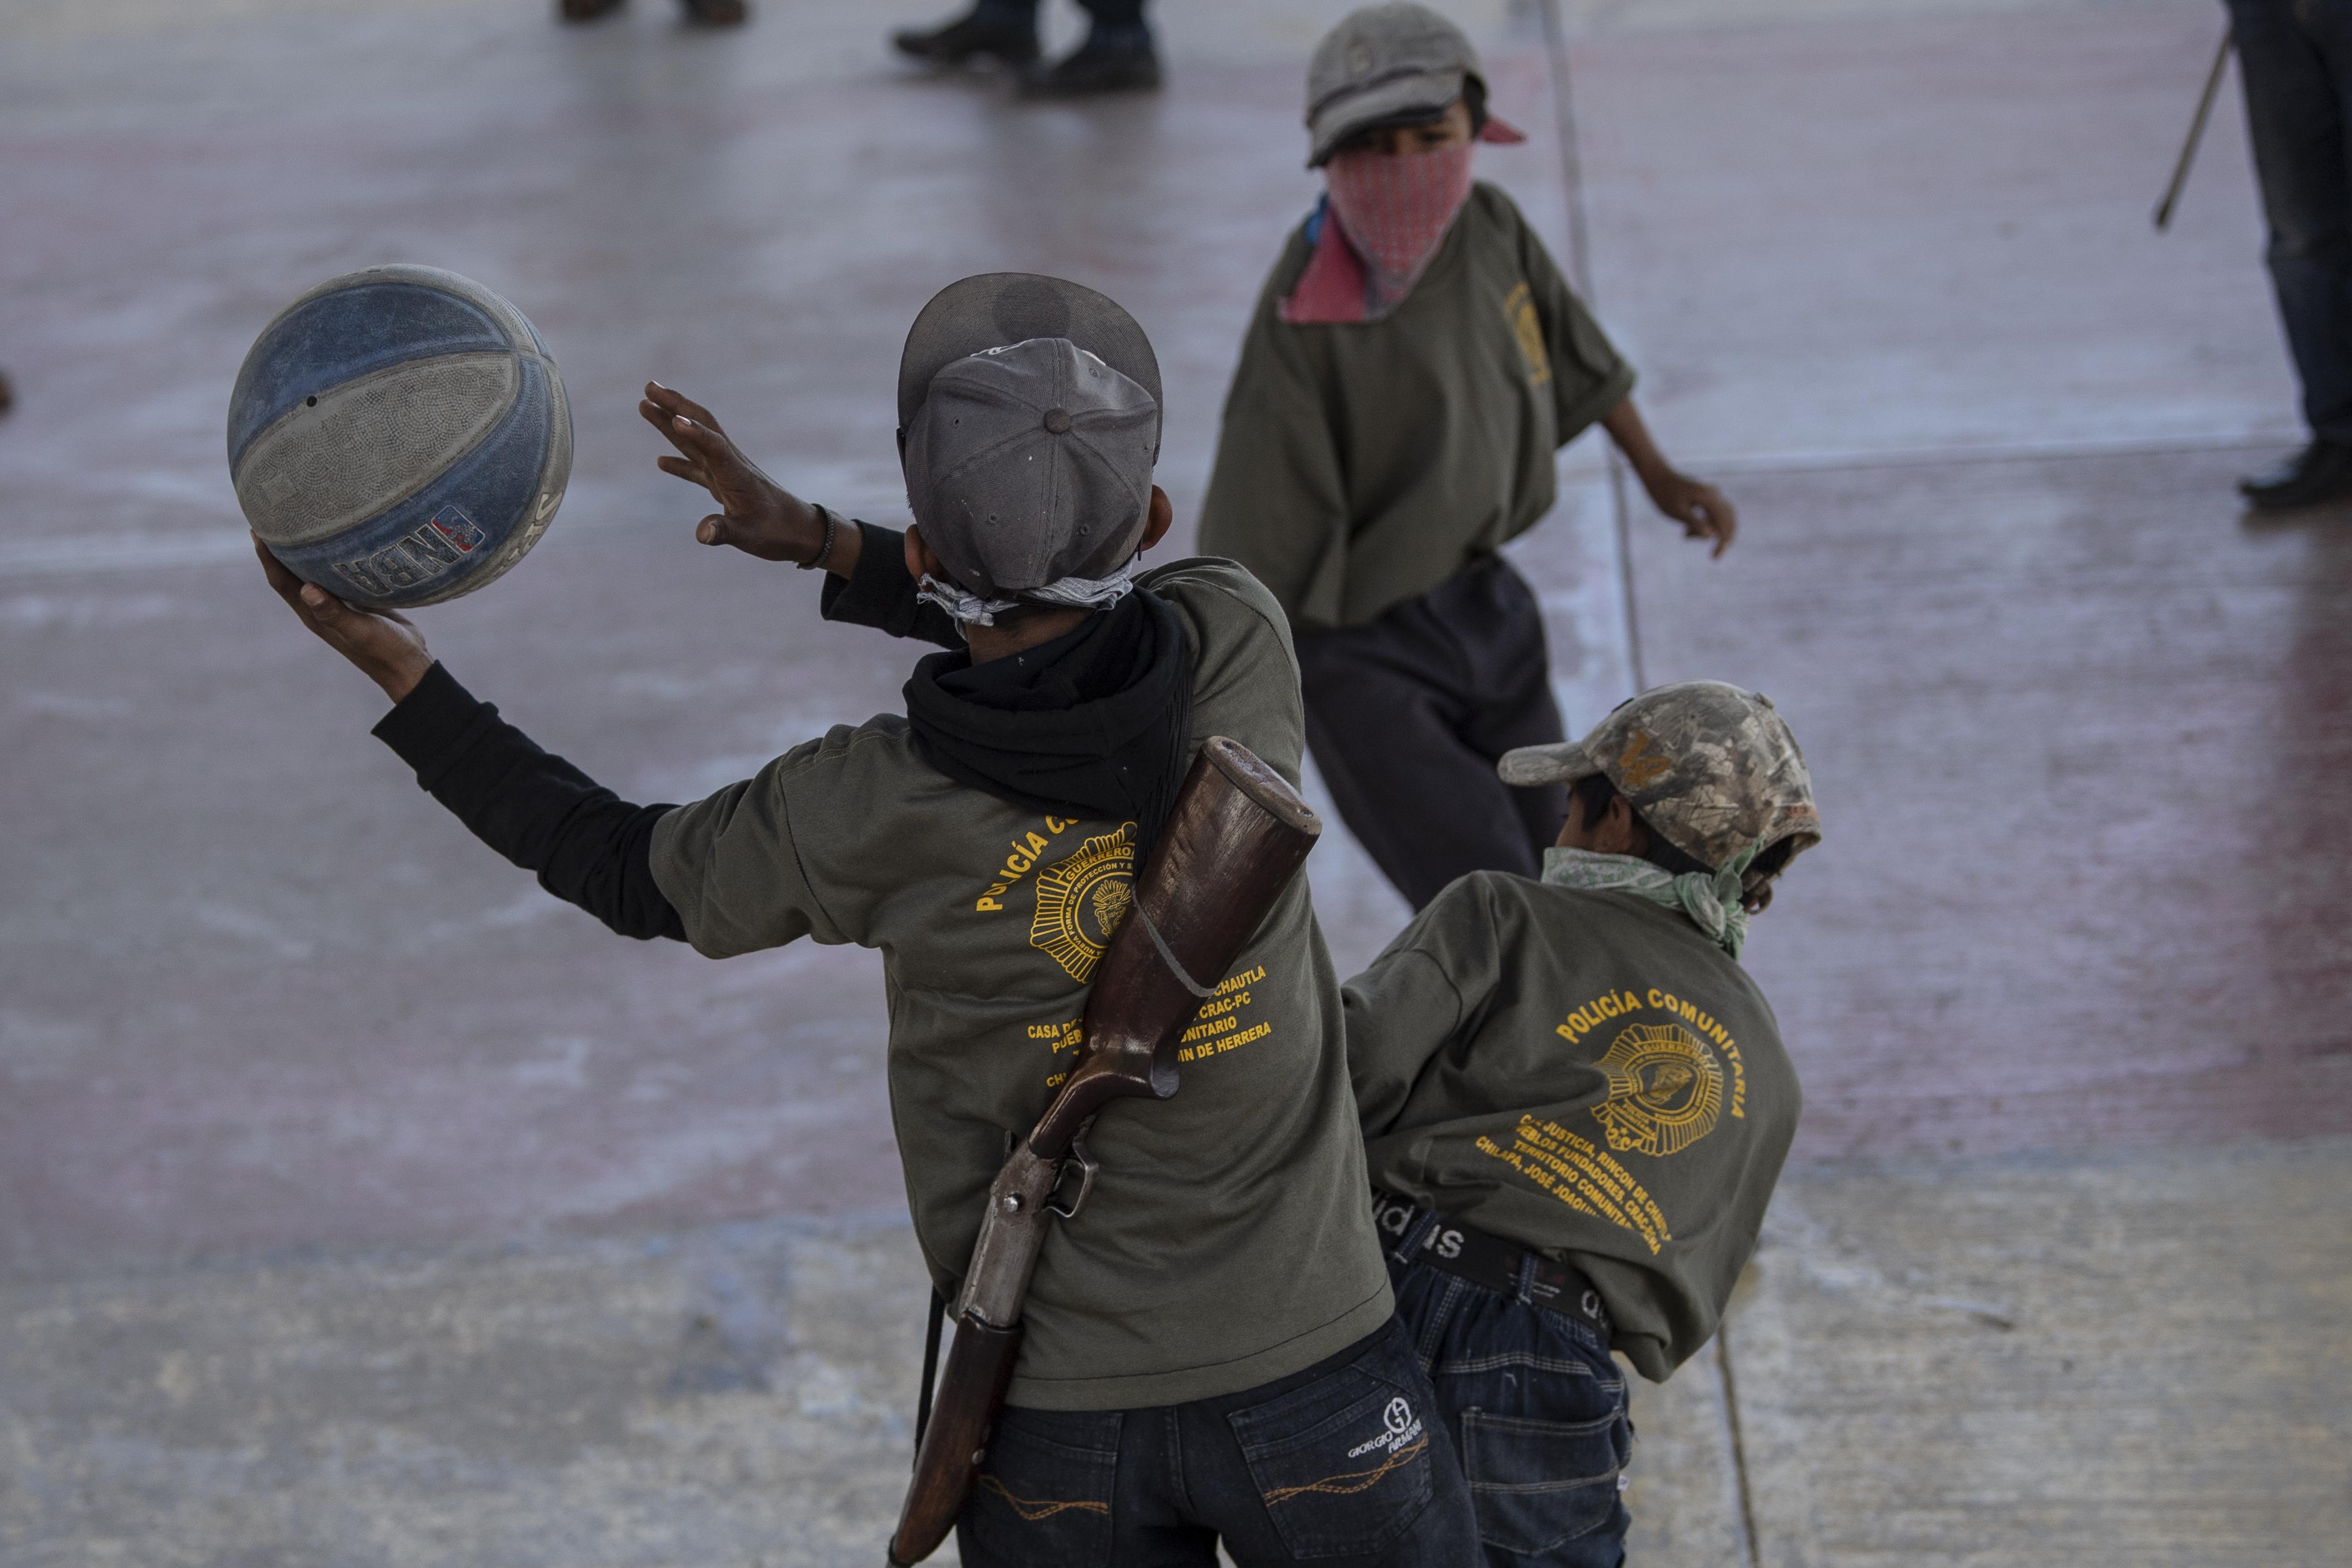 Los niños juegan con un balón en un receso durante los entrenamientos.